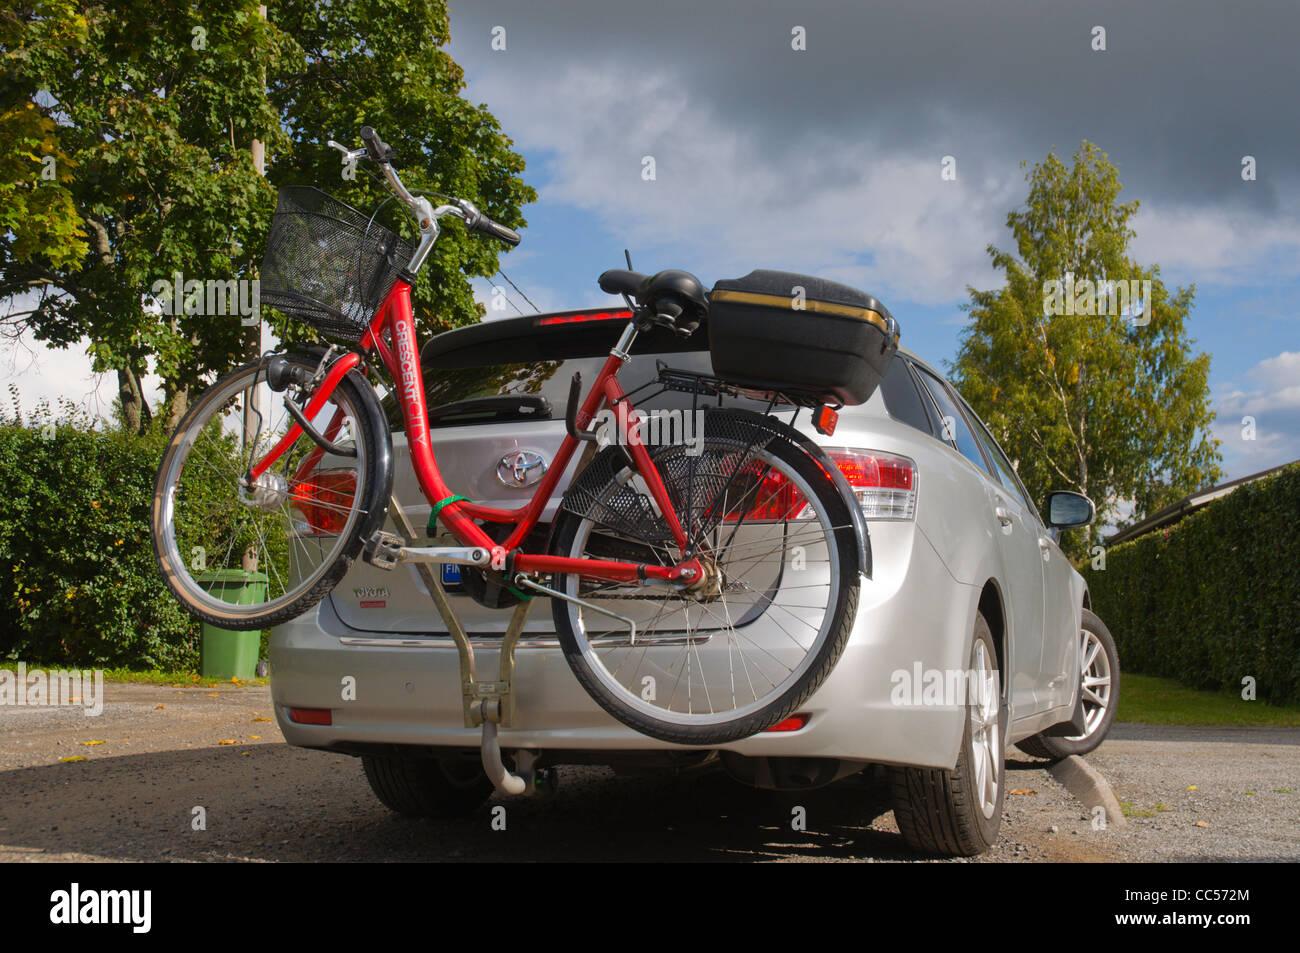 Auto Transport Fahrrad An Haken Auf Der Rückseite Finnland Europa